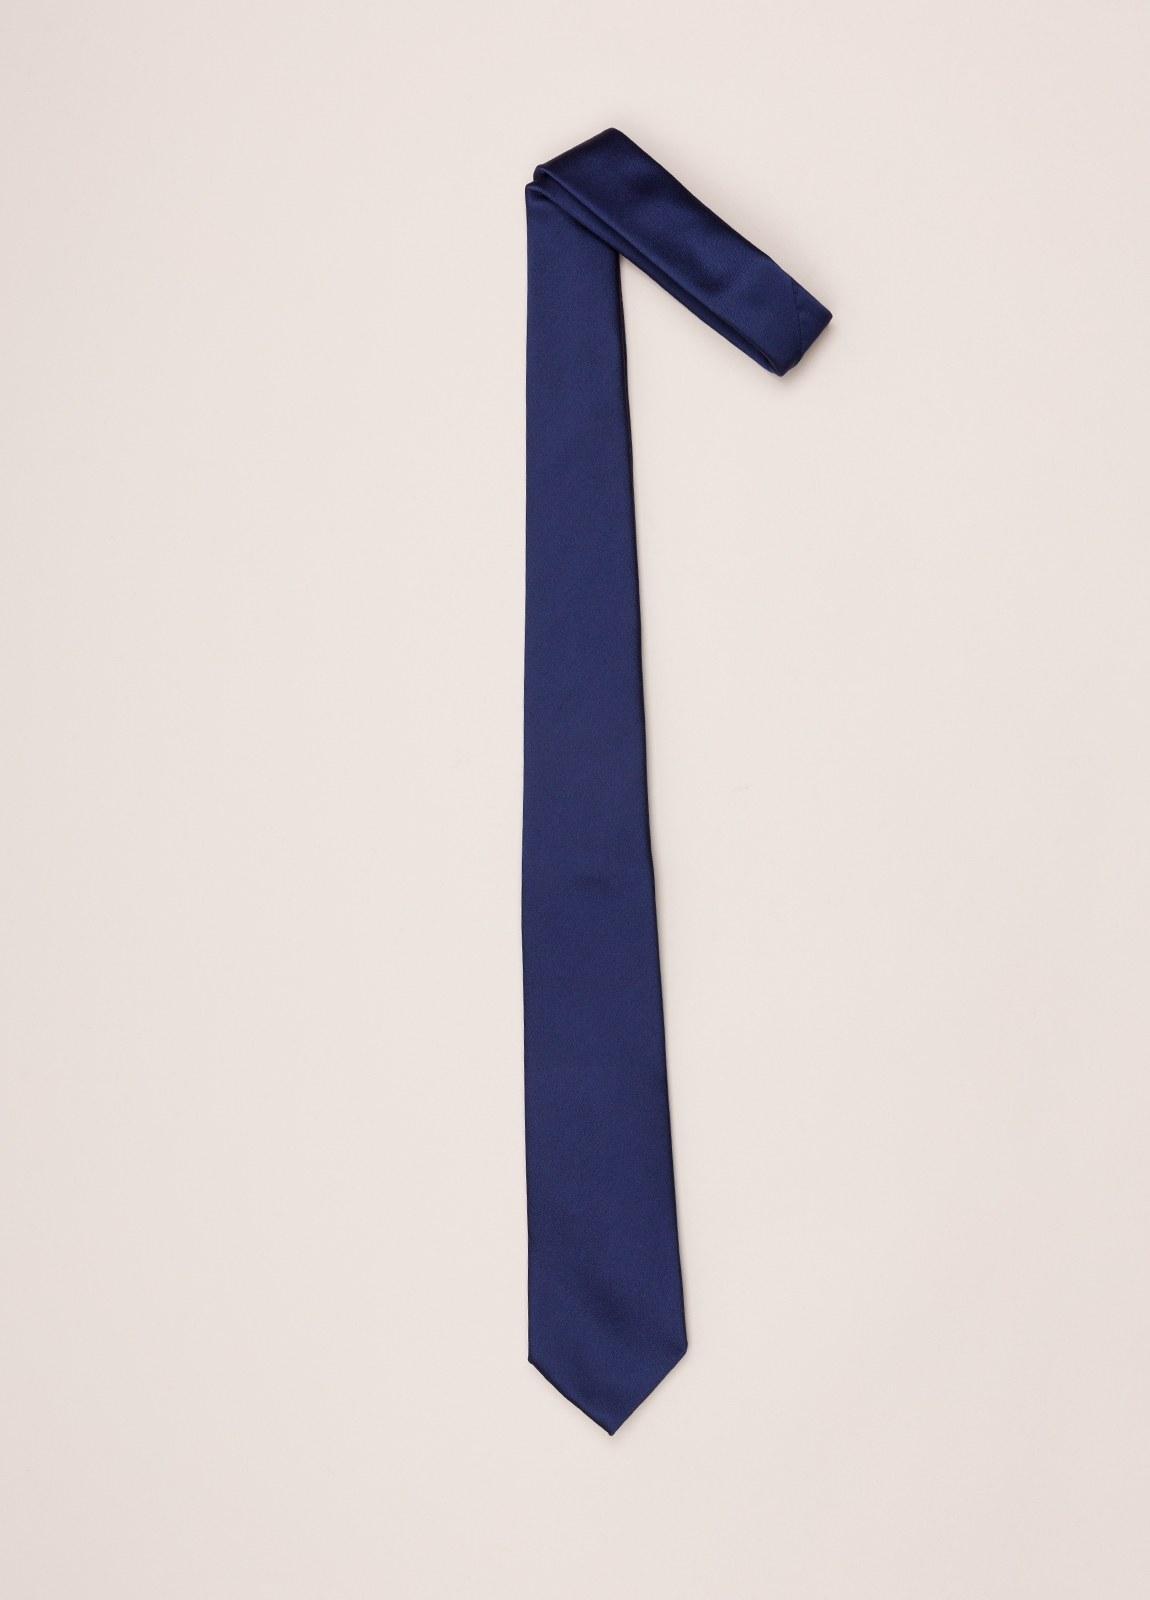 Corbata FUREST COLECCIÓN azul liso - Ítem1